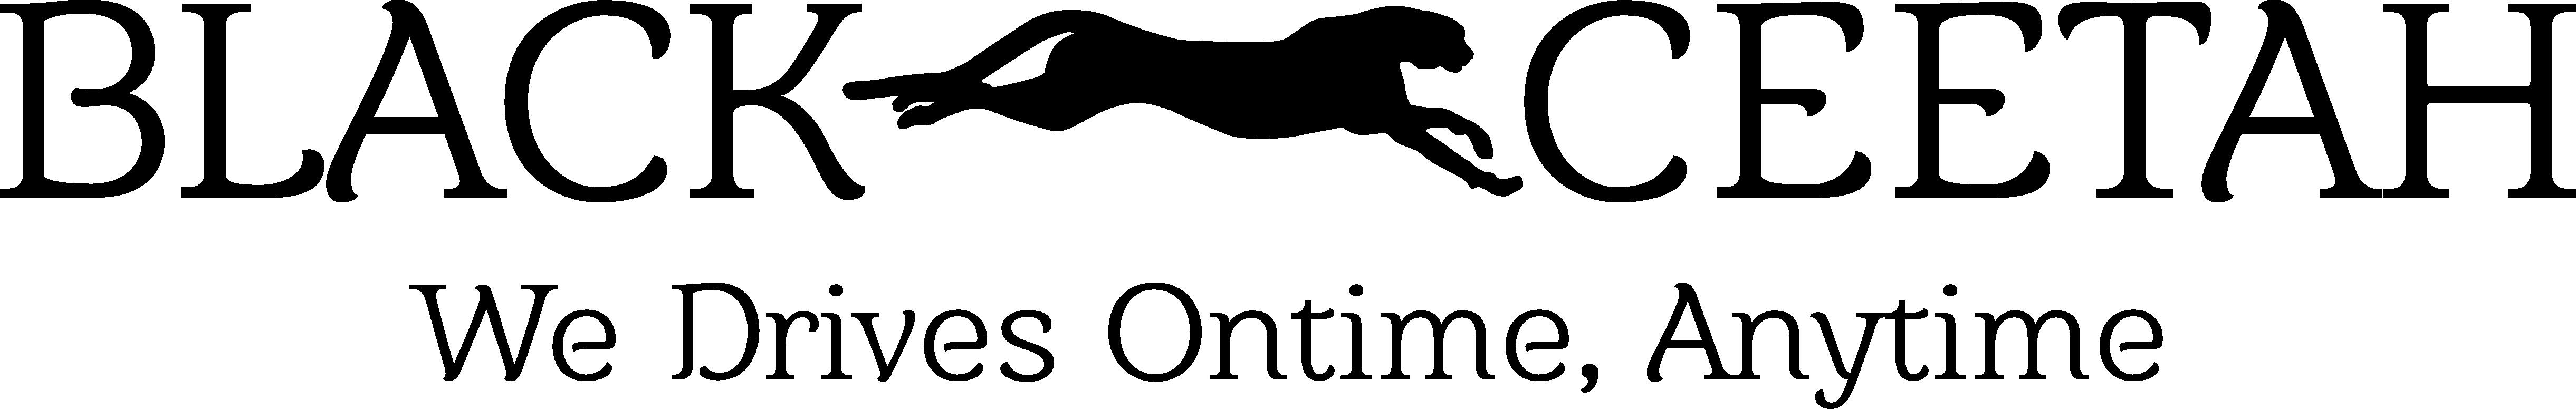 Black Ceetah Motorent